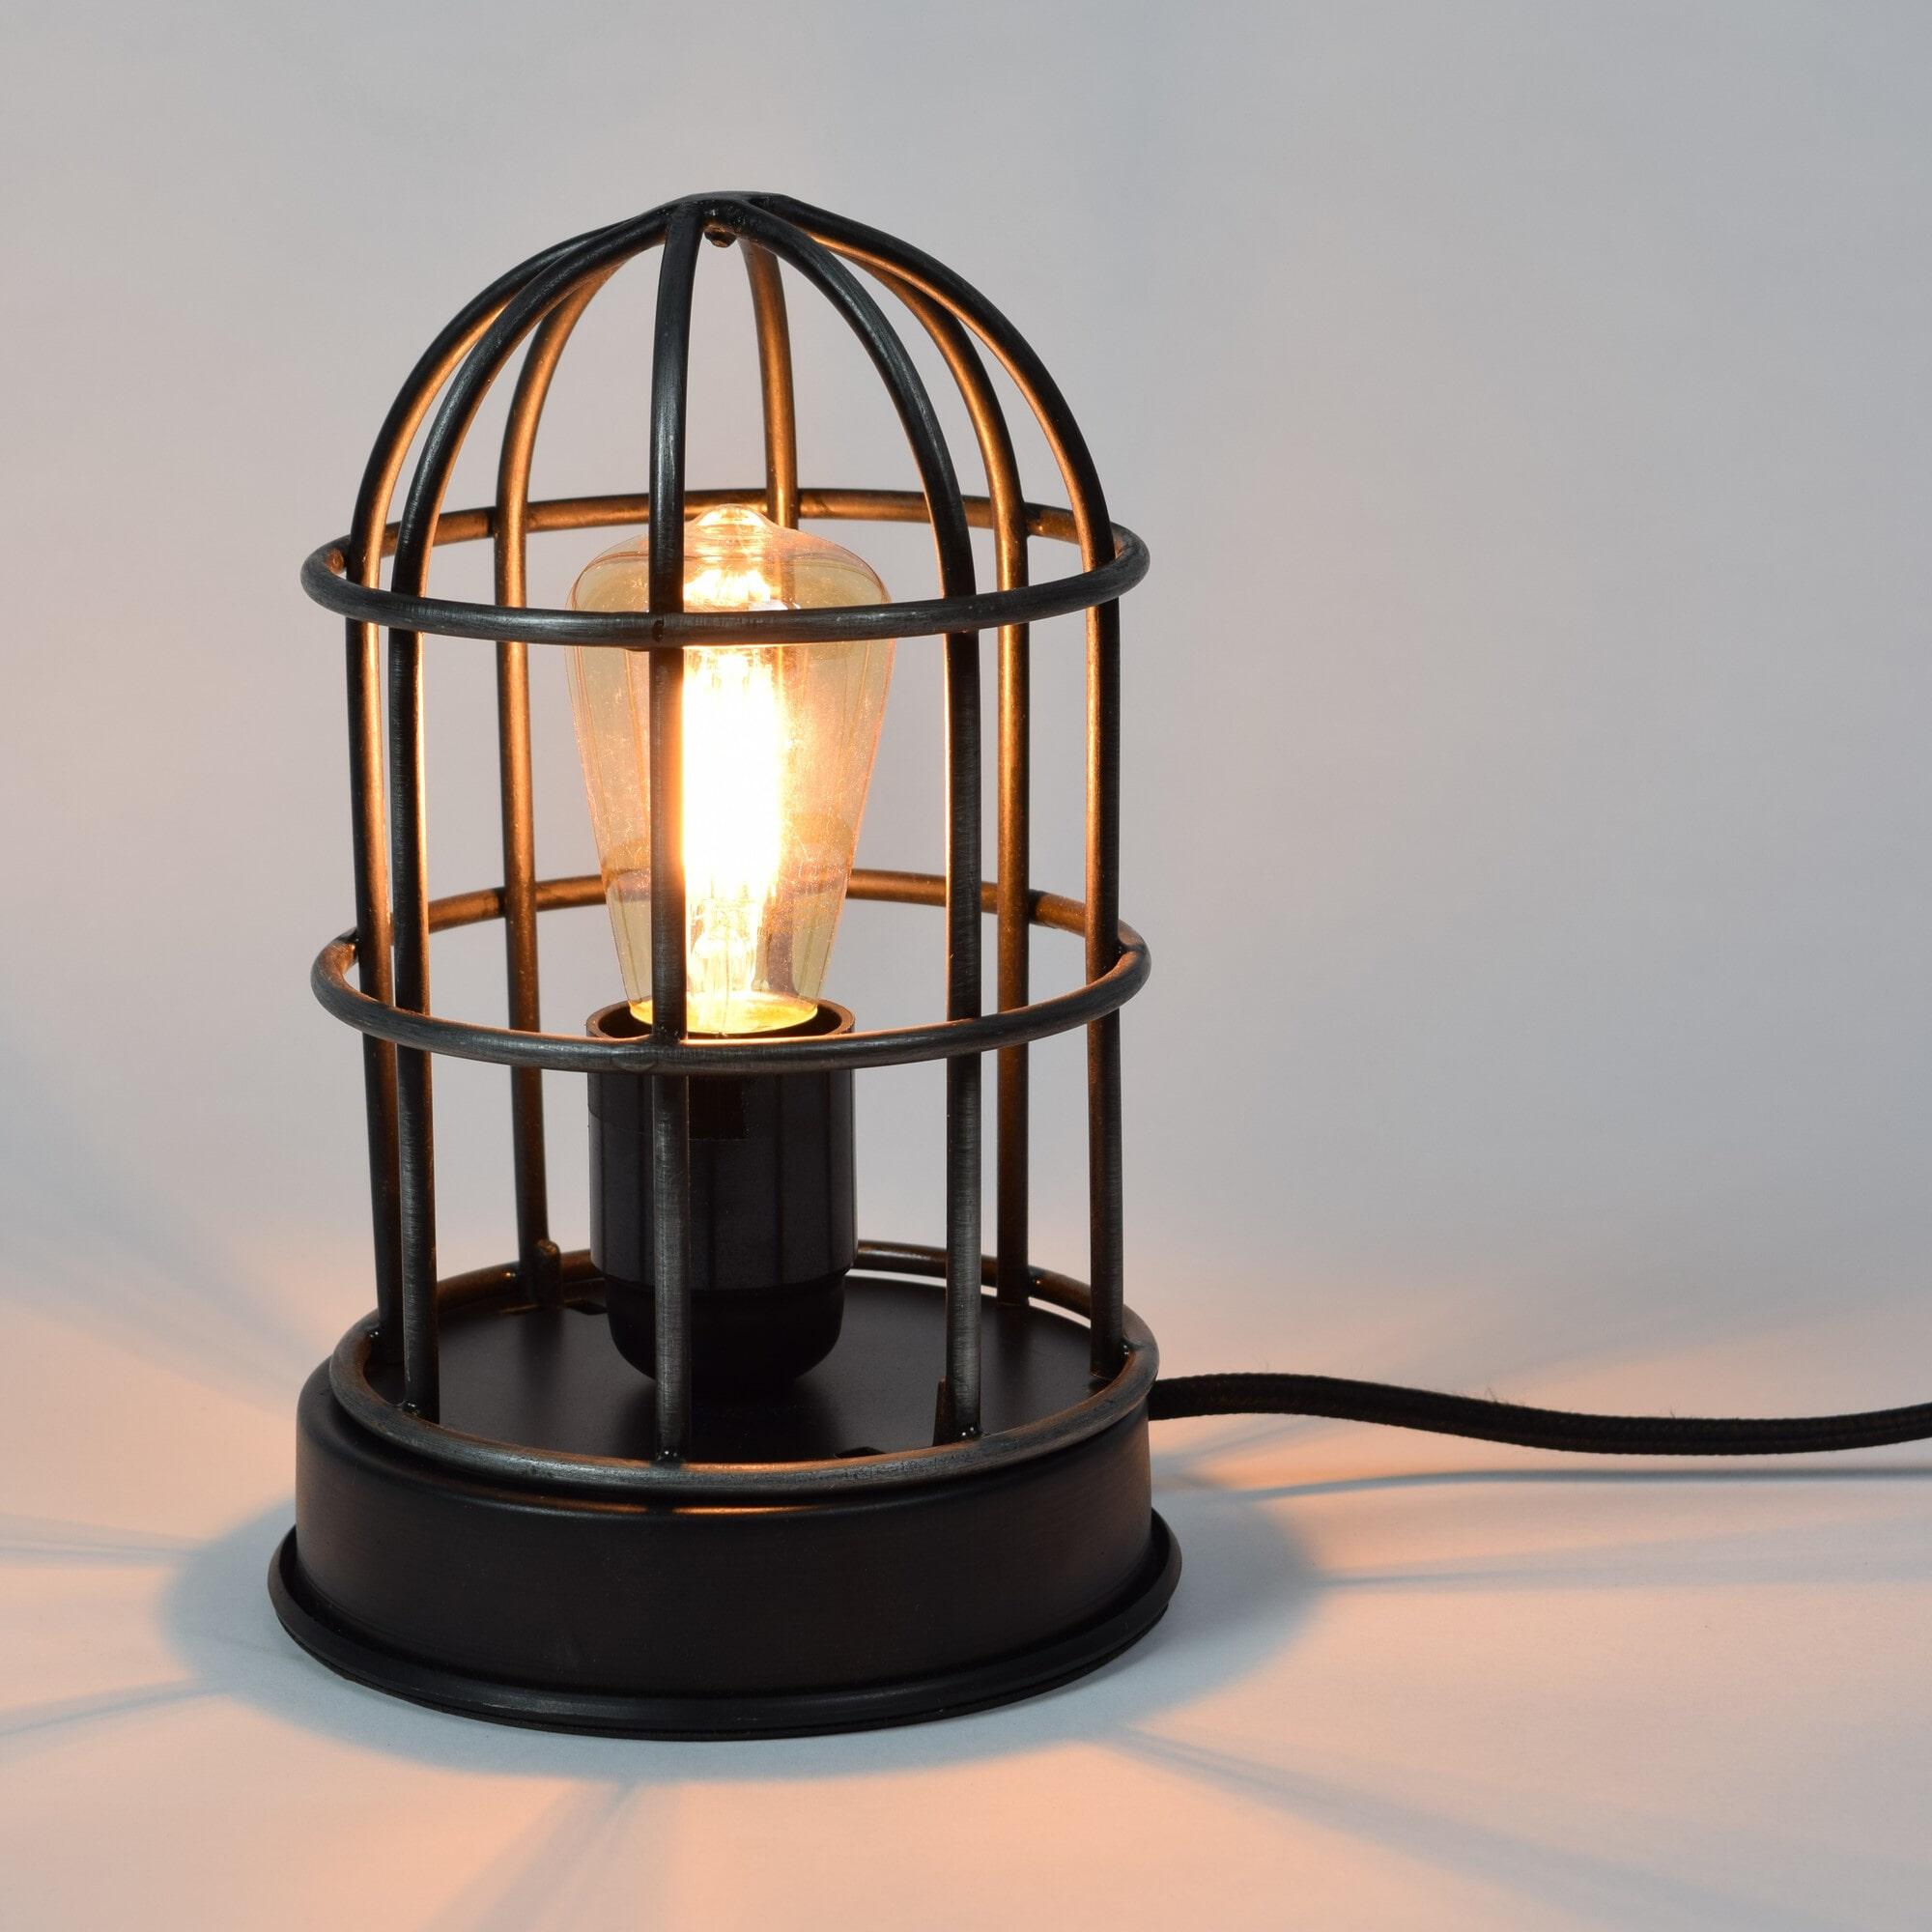 Urban Interiors tafellamp 'Barn', kleur Vintage Black Verlichting | Tafellampen vergelijken doe je het voordeligst hier bij Meubelpartner